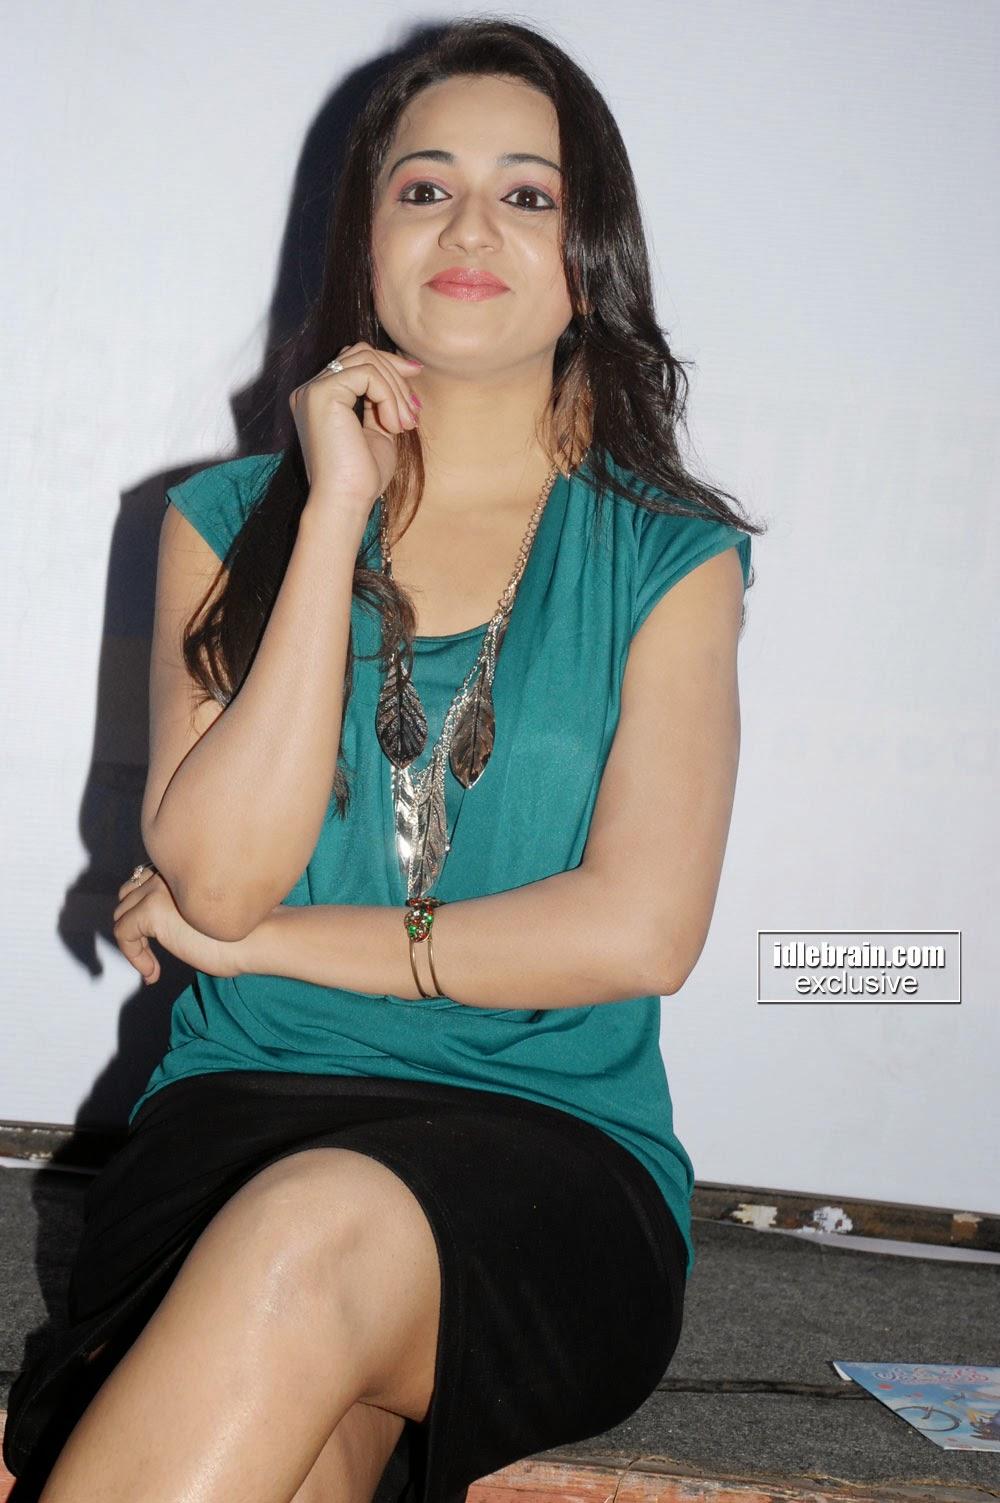 reshma black short skirt